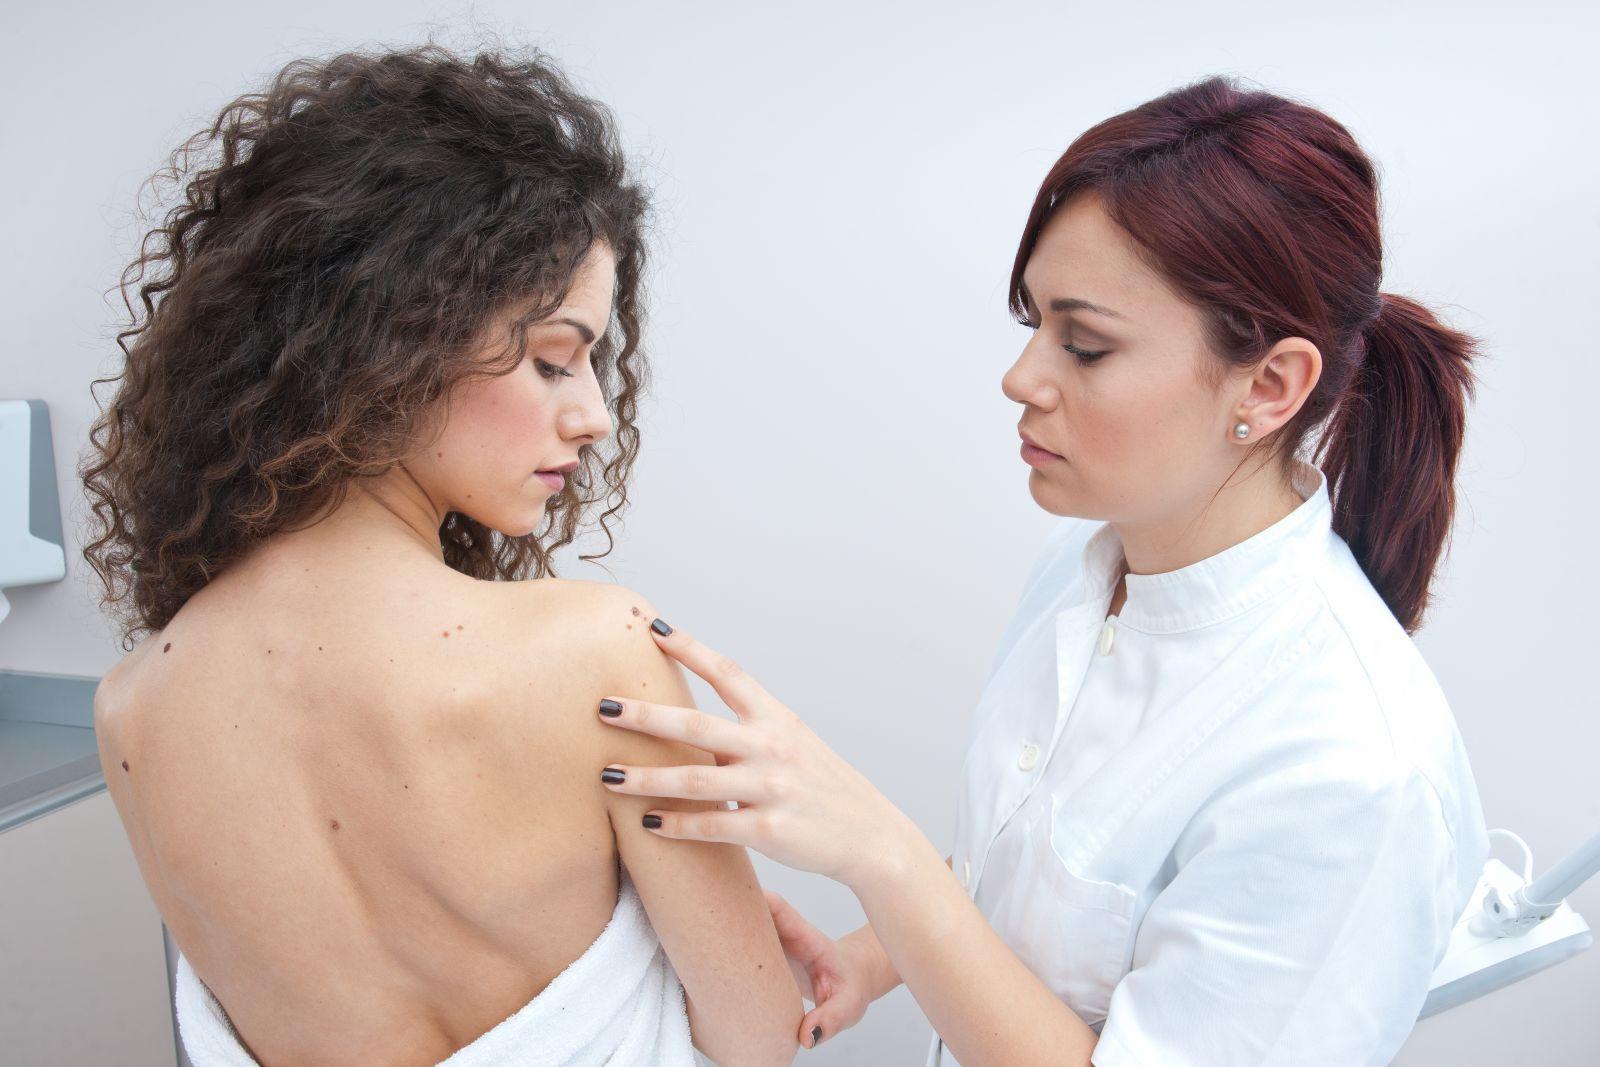 22 апреля — День меланомы: как уберечь свою кожу и где бесплатно проверить родинки